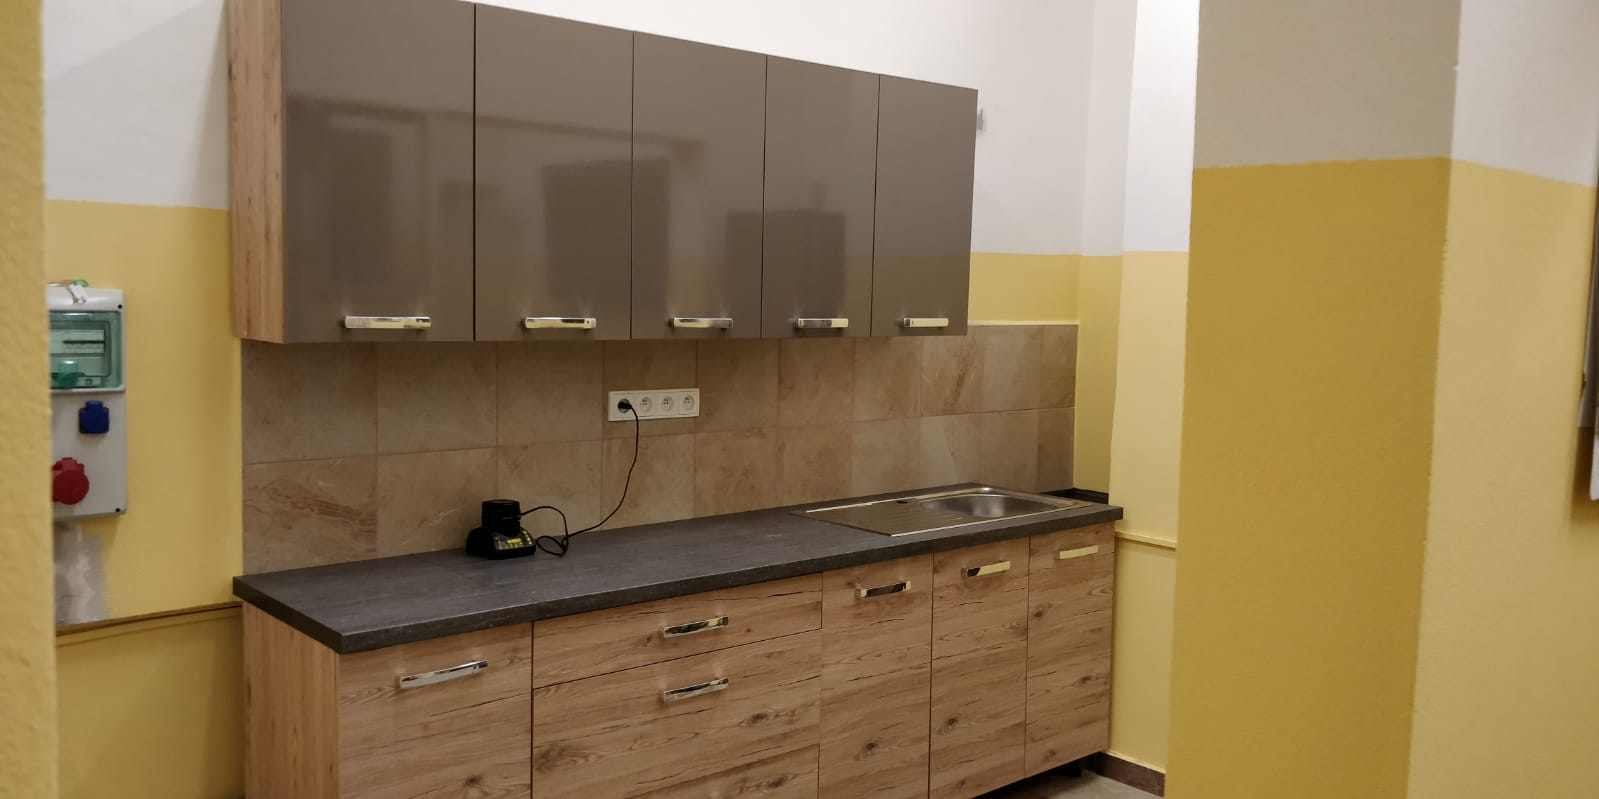 Budovani_klubovny_IMG-20191223-WA0008